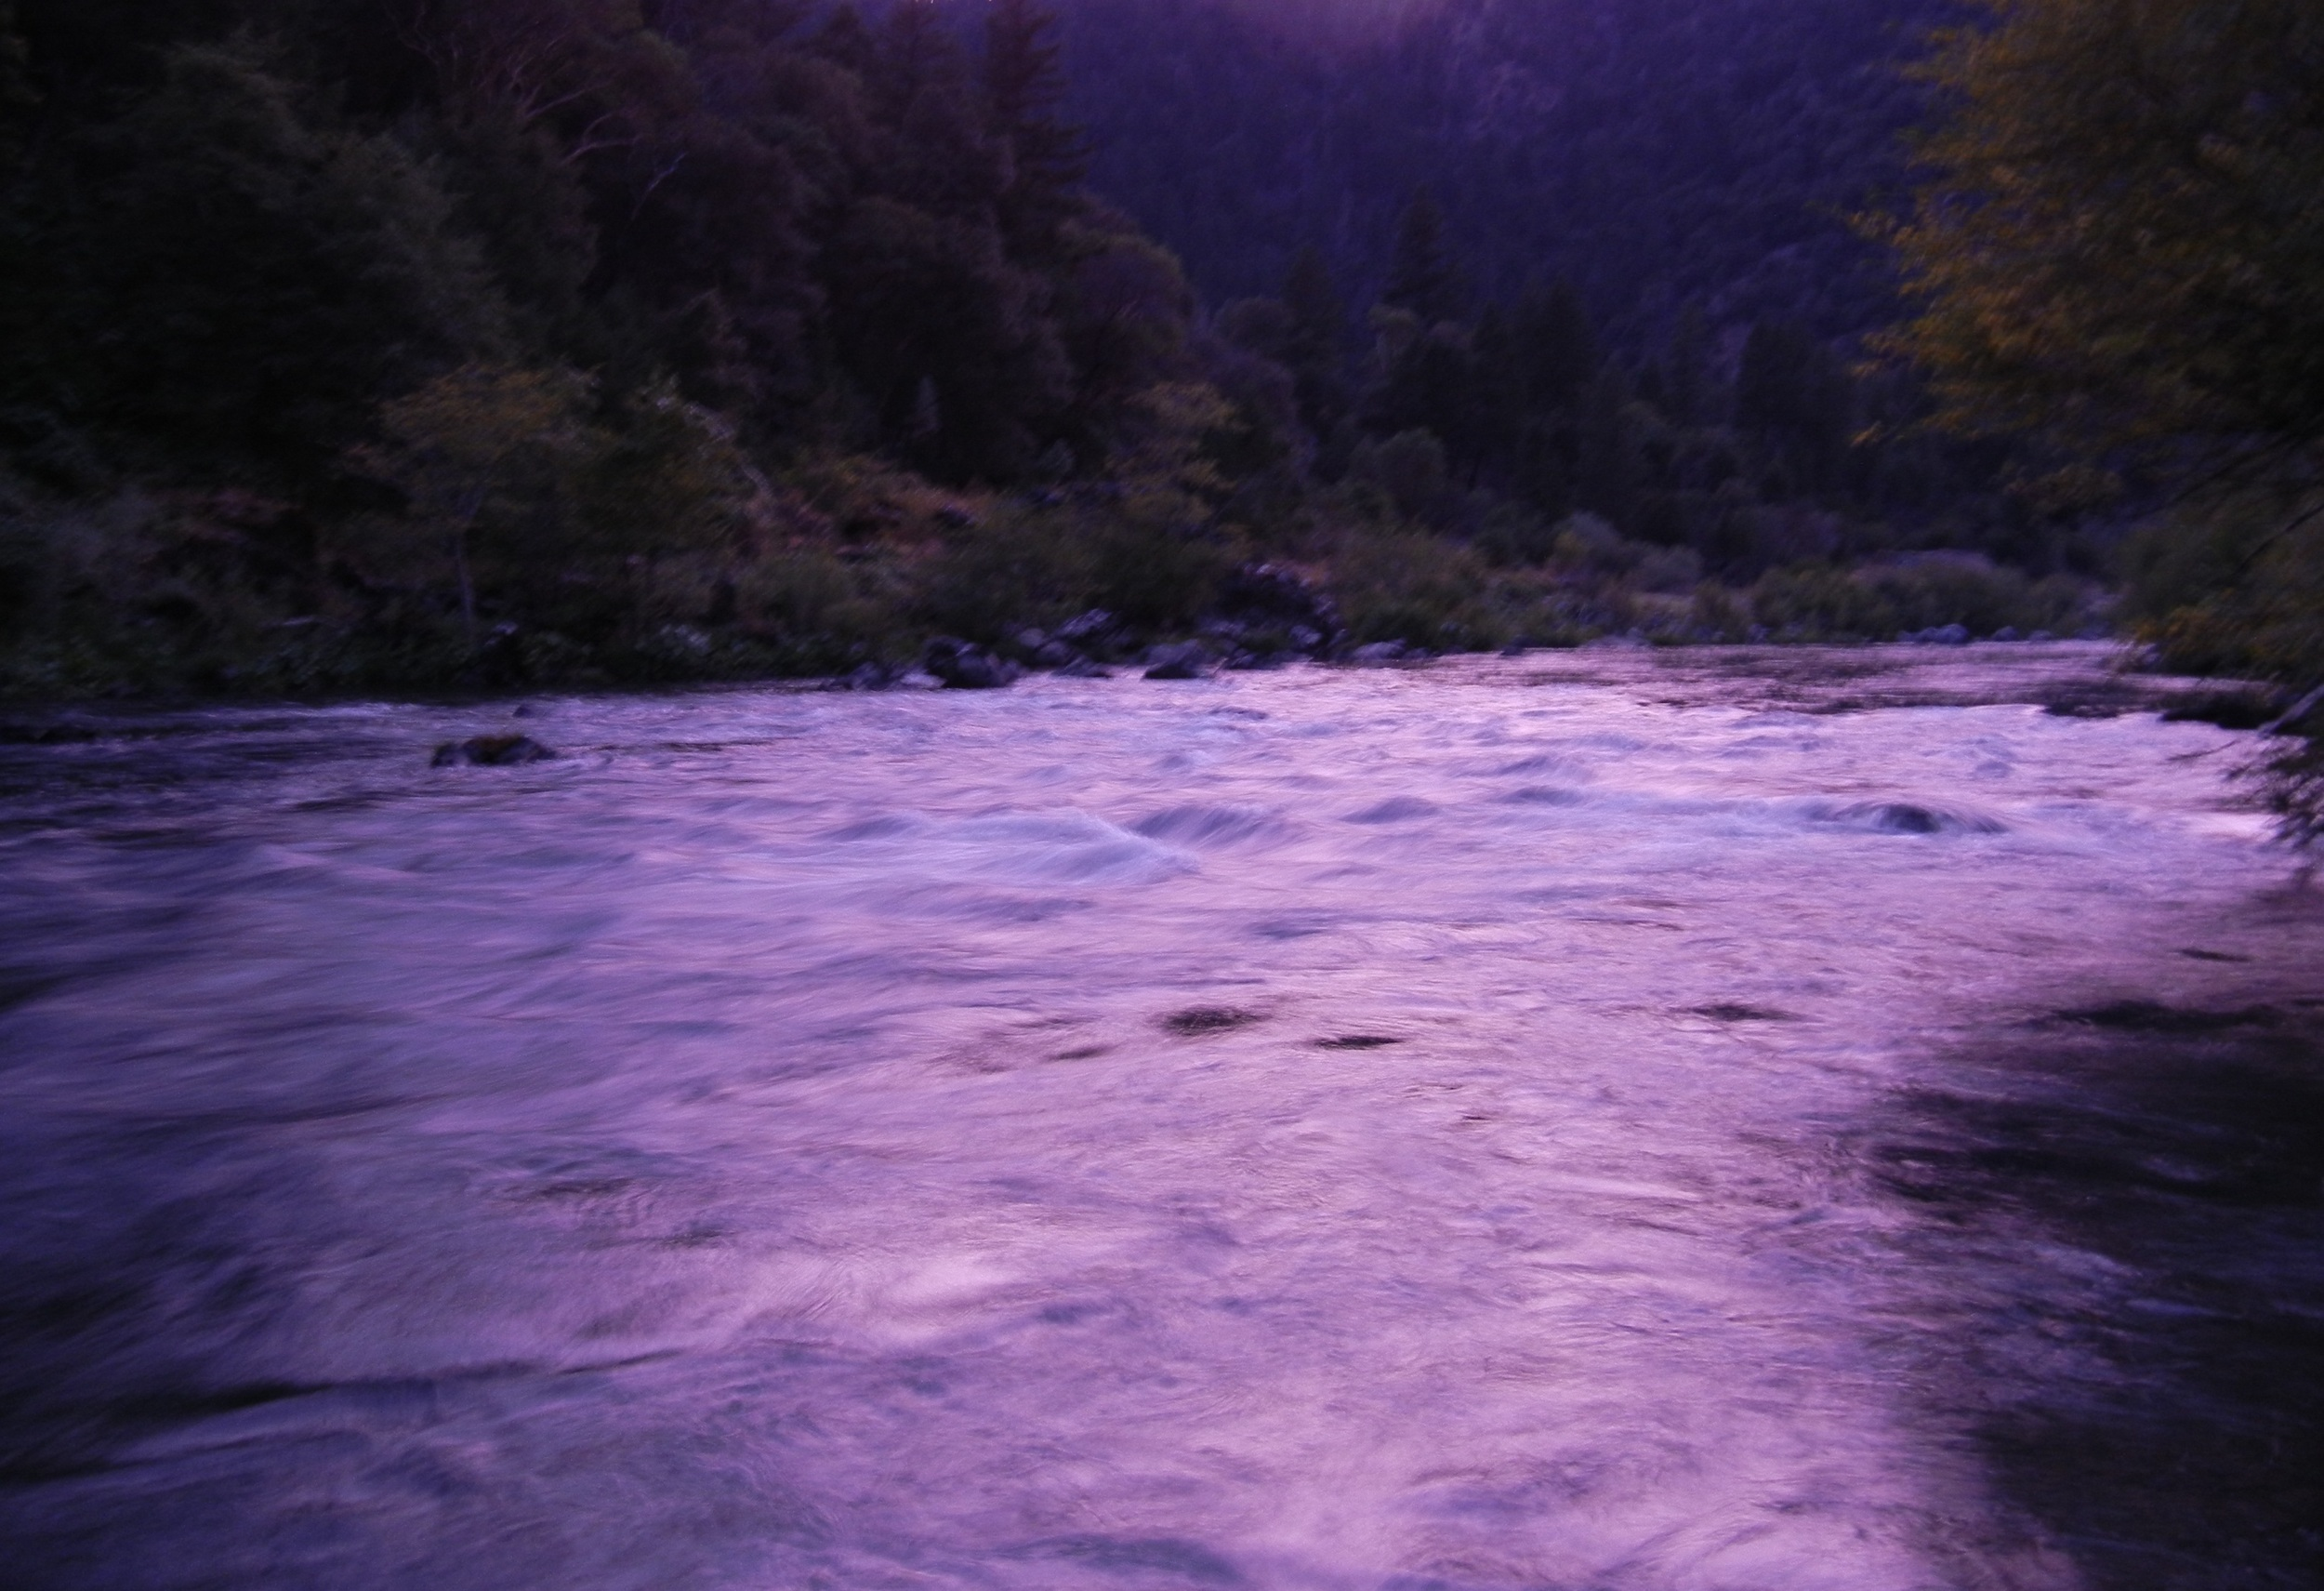 River awakening